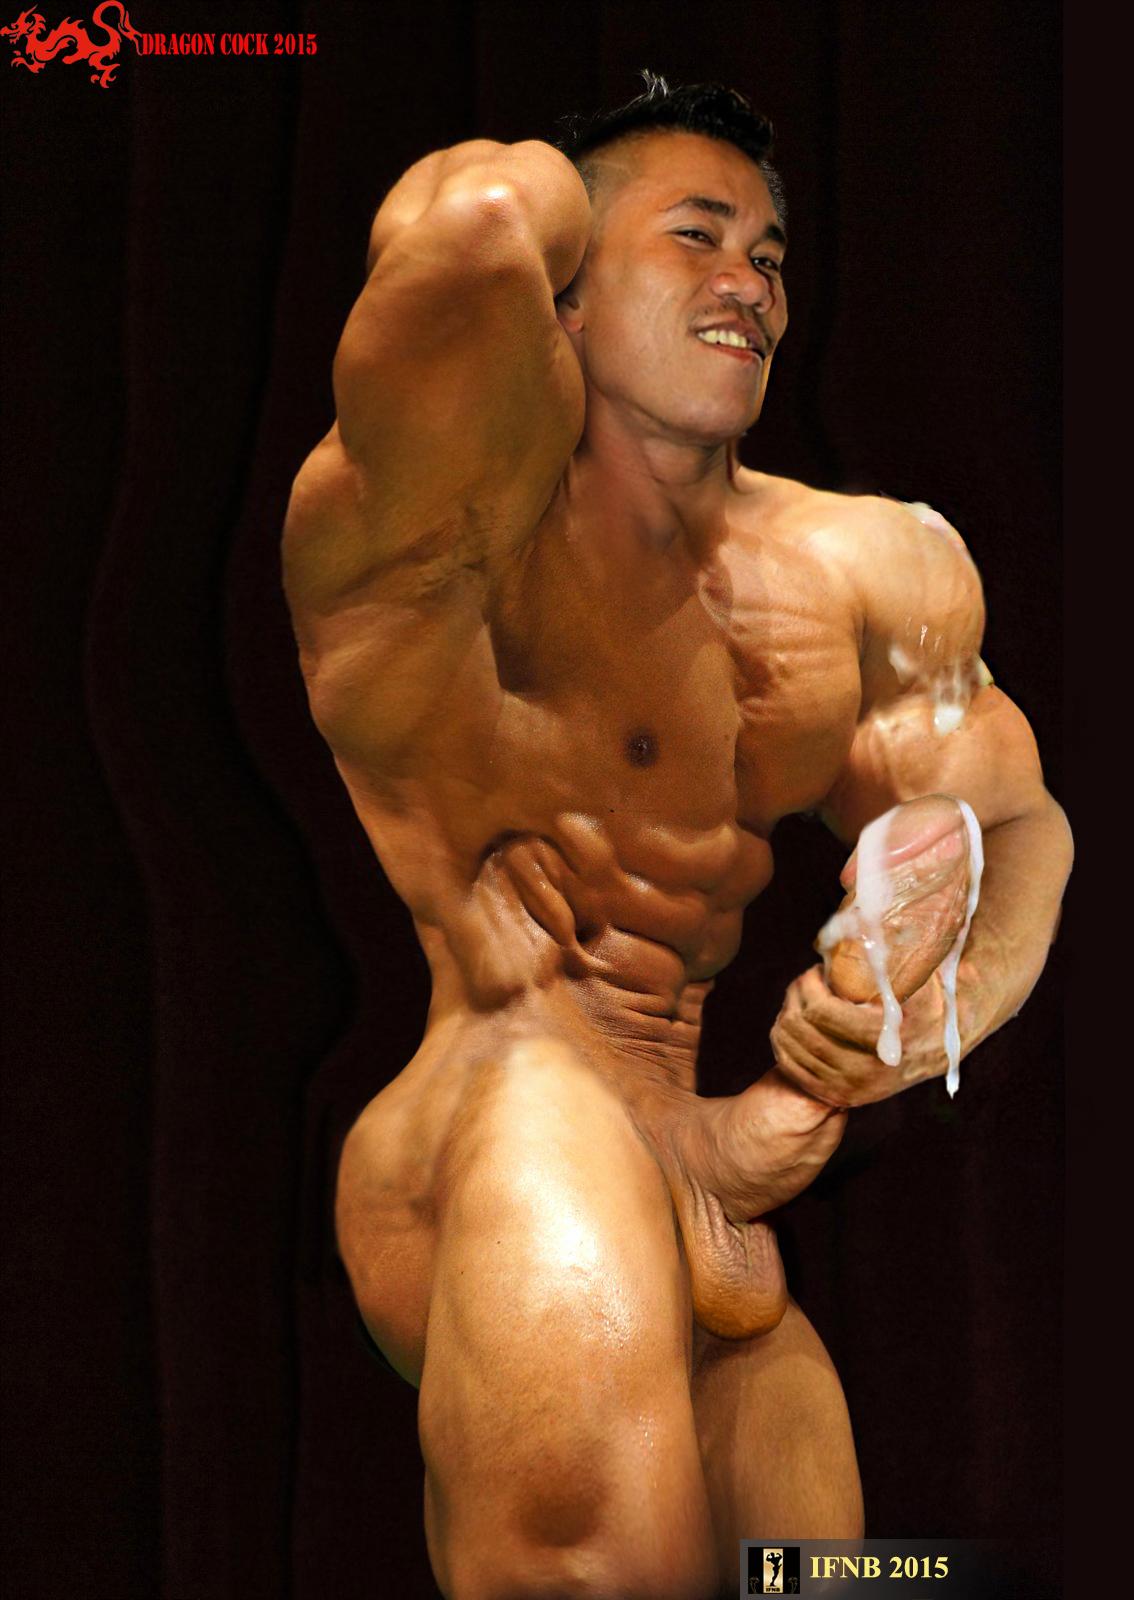 Big Muscular Gay Cock - Hot Nude-6399